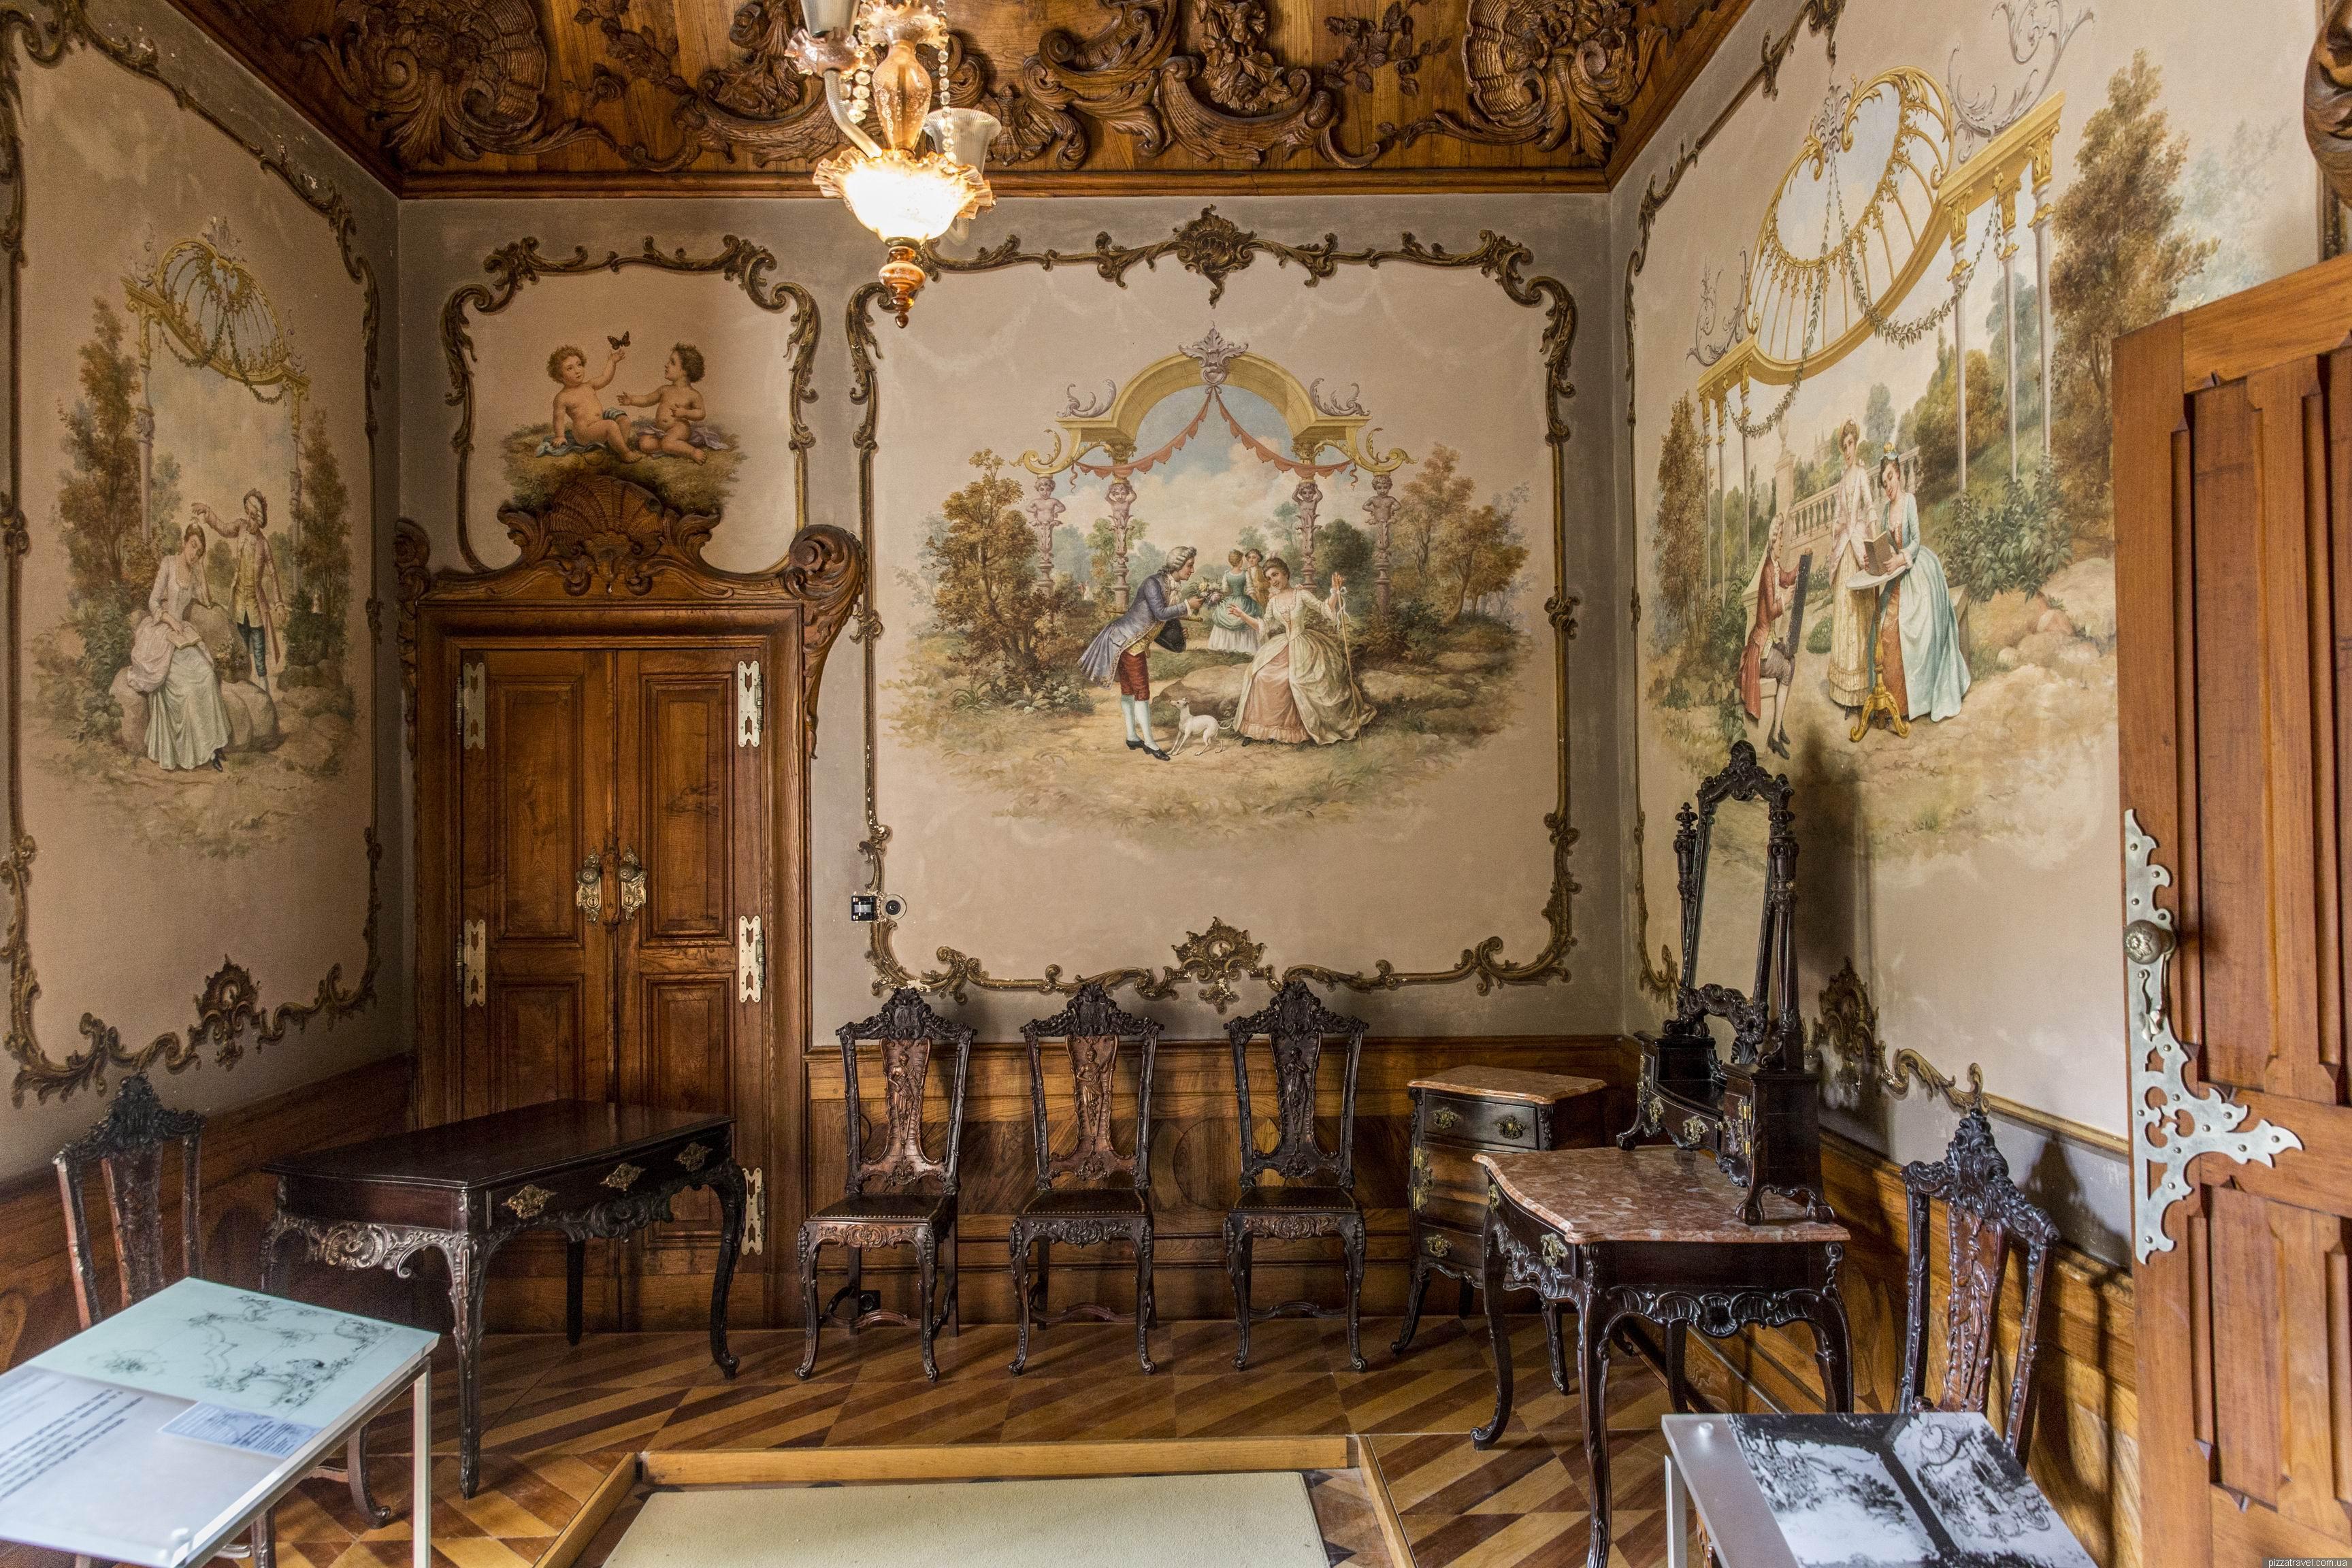 Фото: одна из комнат дворца Кинта-да-Регалейра